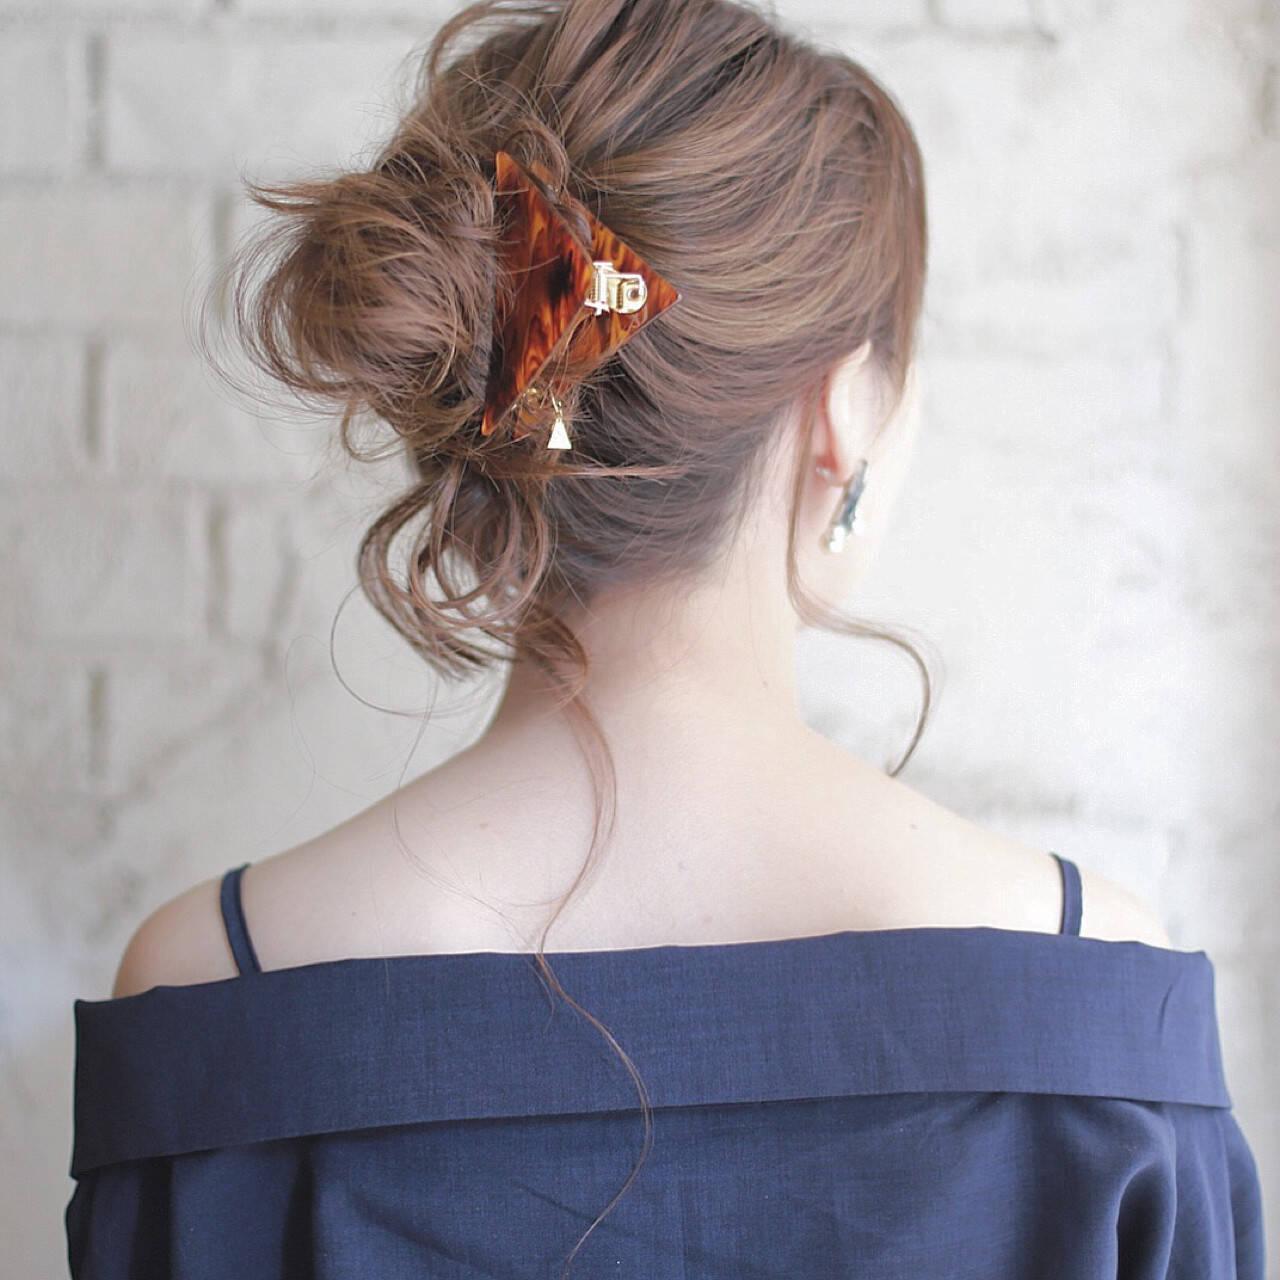 アッシュ メンズ フェミニン ミディアムヘアスタイルや髪型の写真・画像